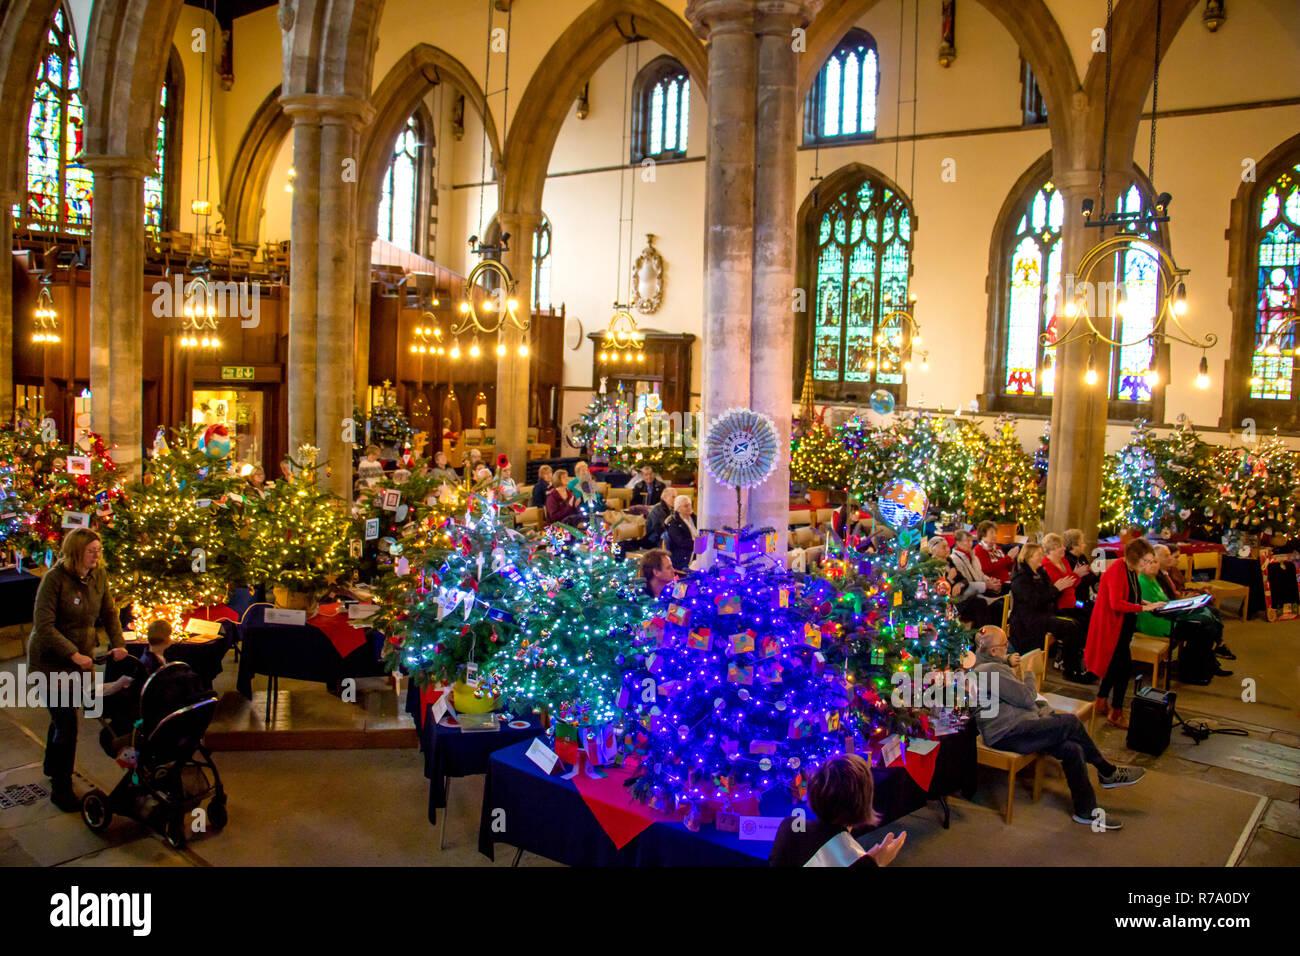 Weihnachtslieder Kirche.Christmas Tree Festival In Der Kirche Von St Paul S Bedford